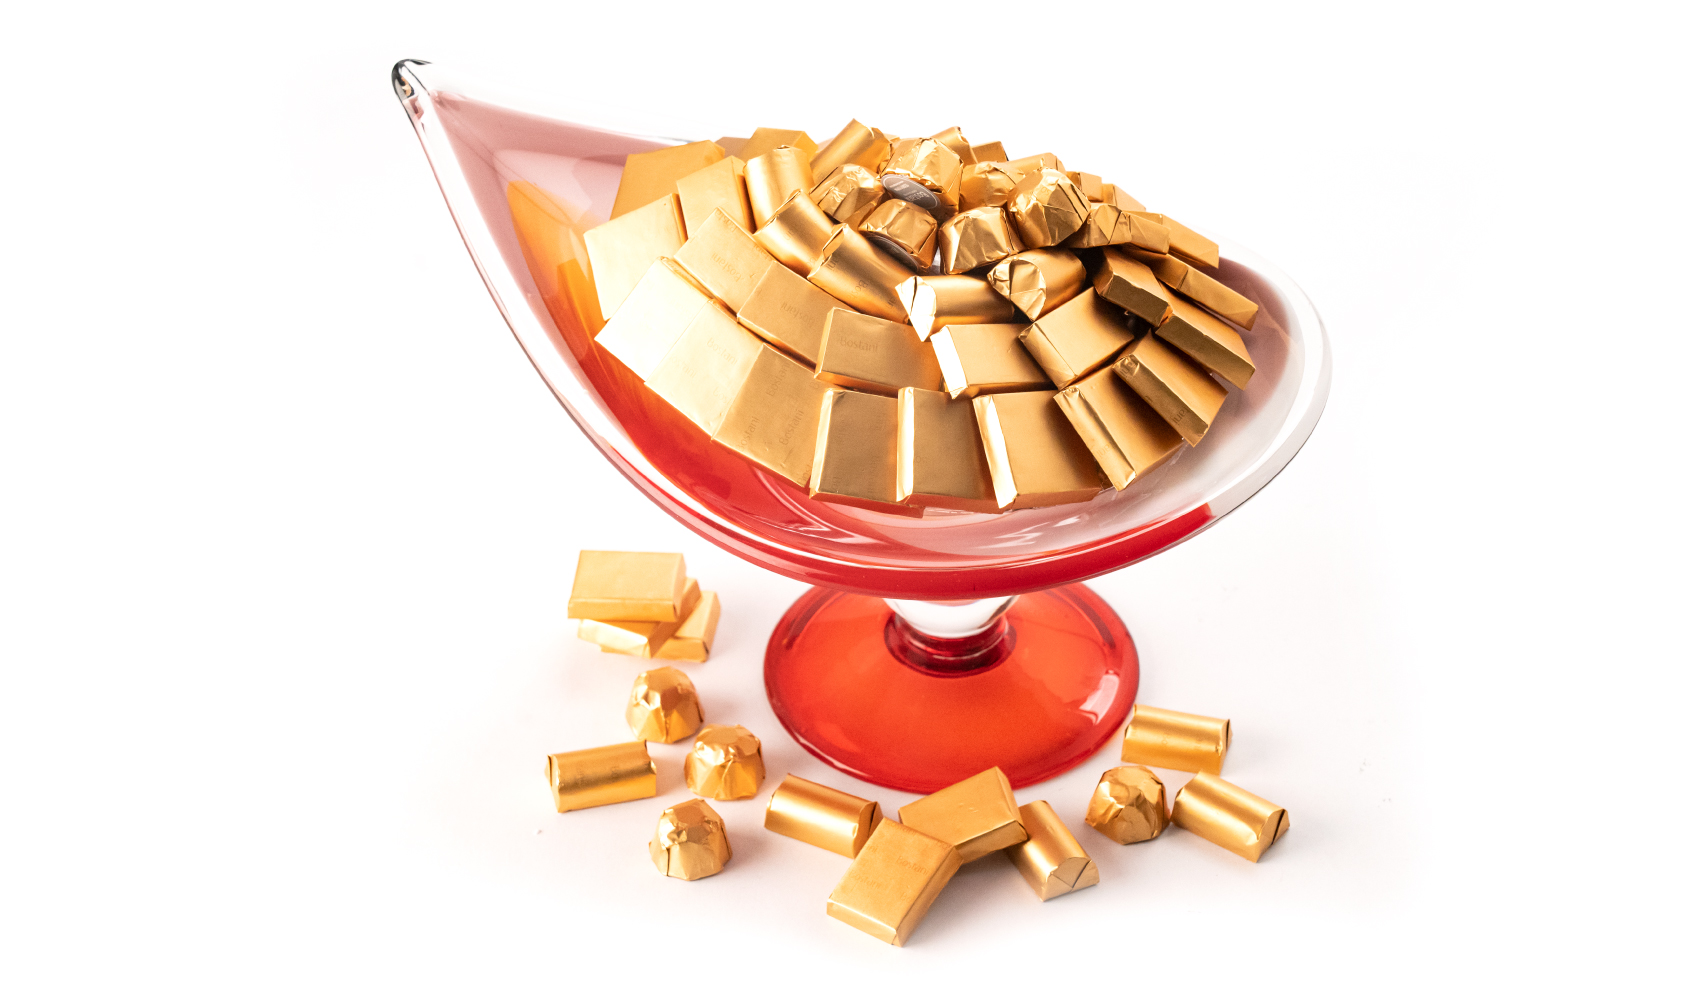 Mix Chocolate Red Lamp Italian Handmade Dish